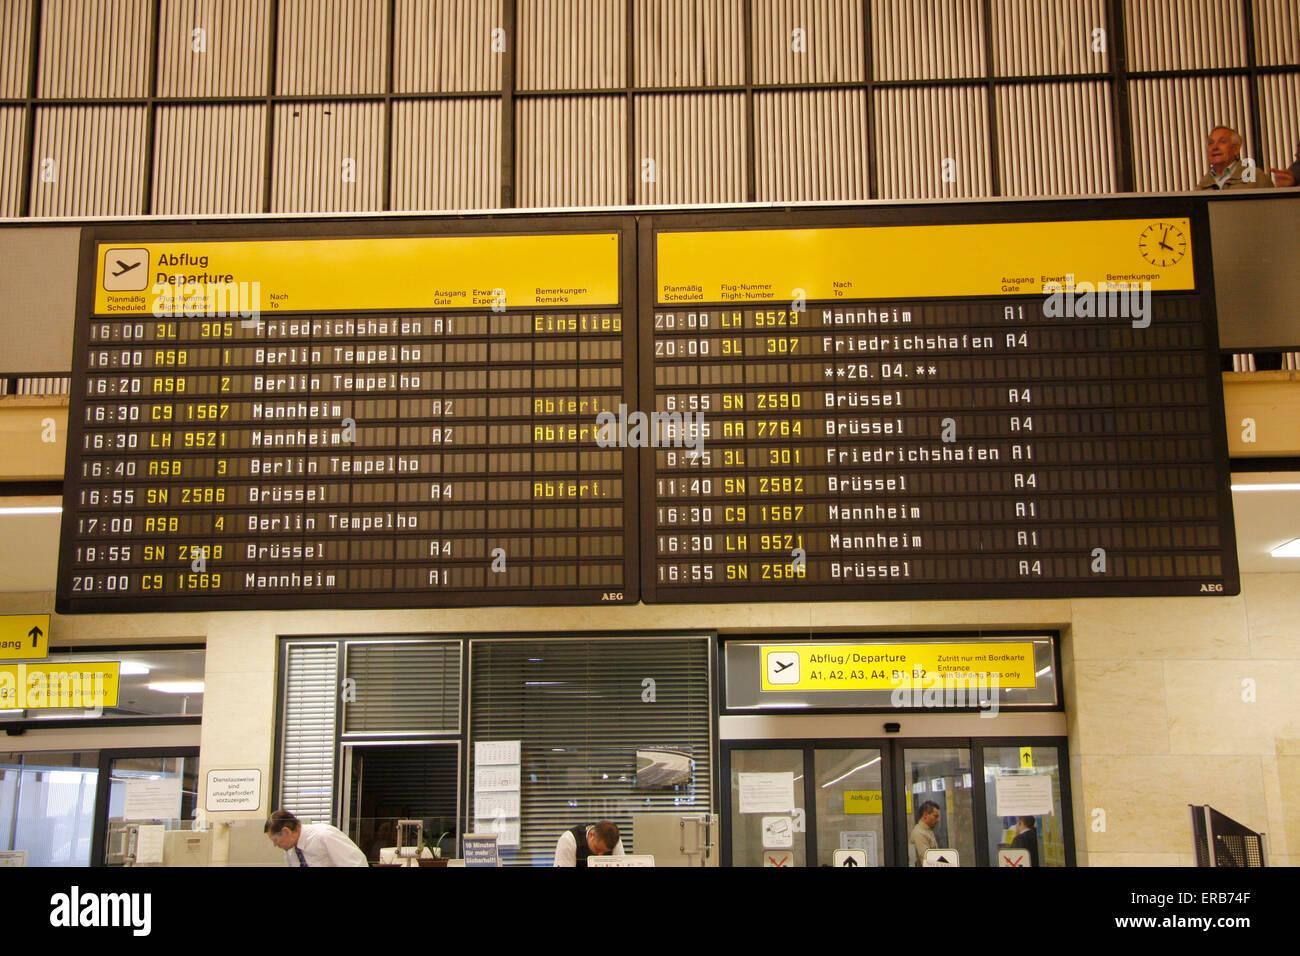 Empfangshalle, Flughafen Tempelhof, Berlin-Tempelhof. - Stock Image